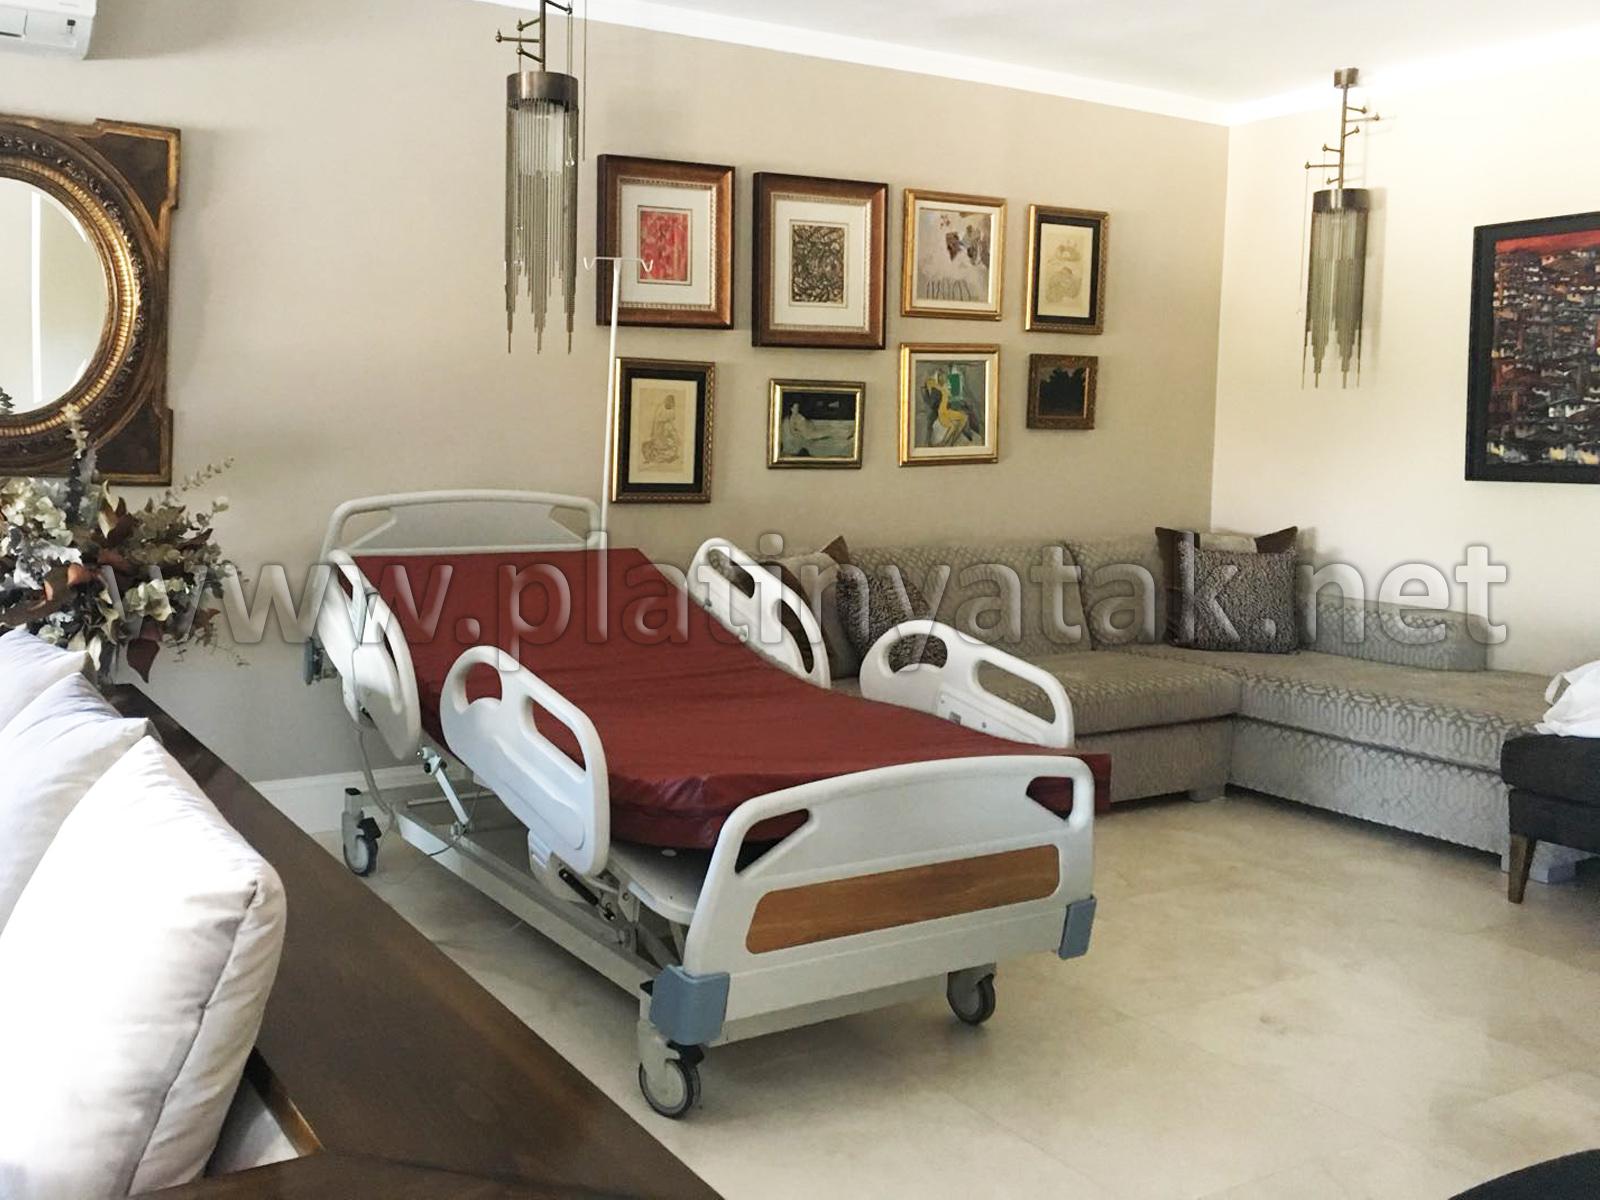 Hasta Yatağı Satış ve Kiralama Merkezi İstanbul